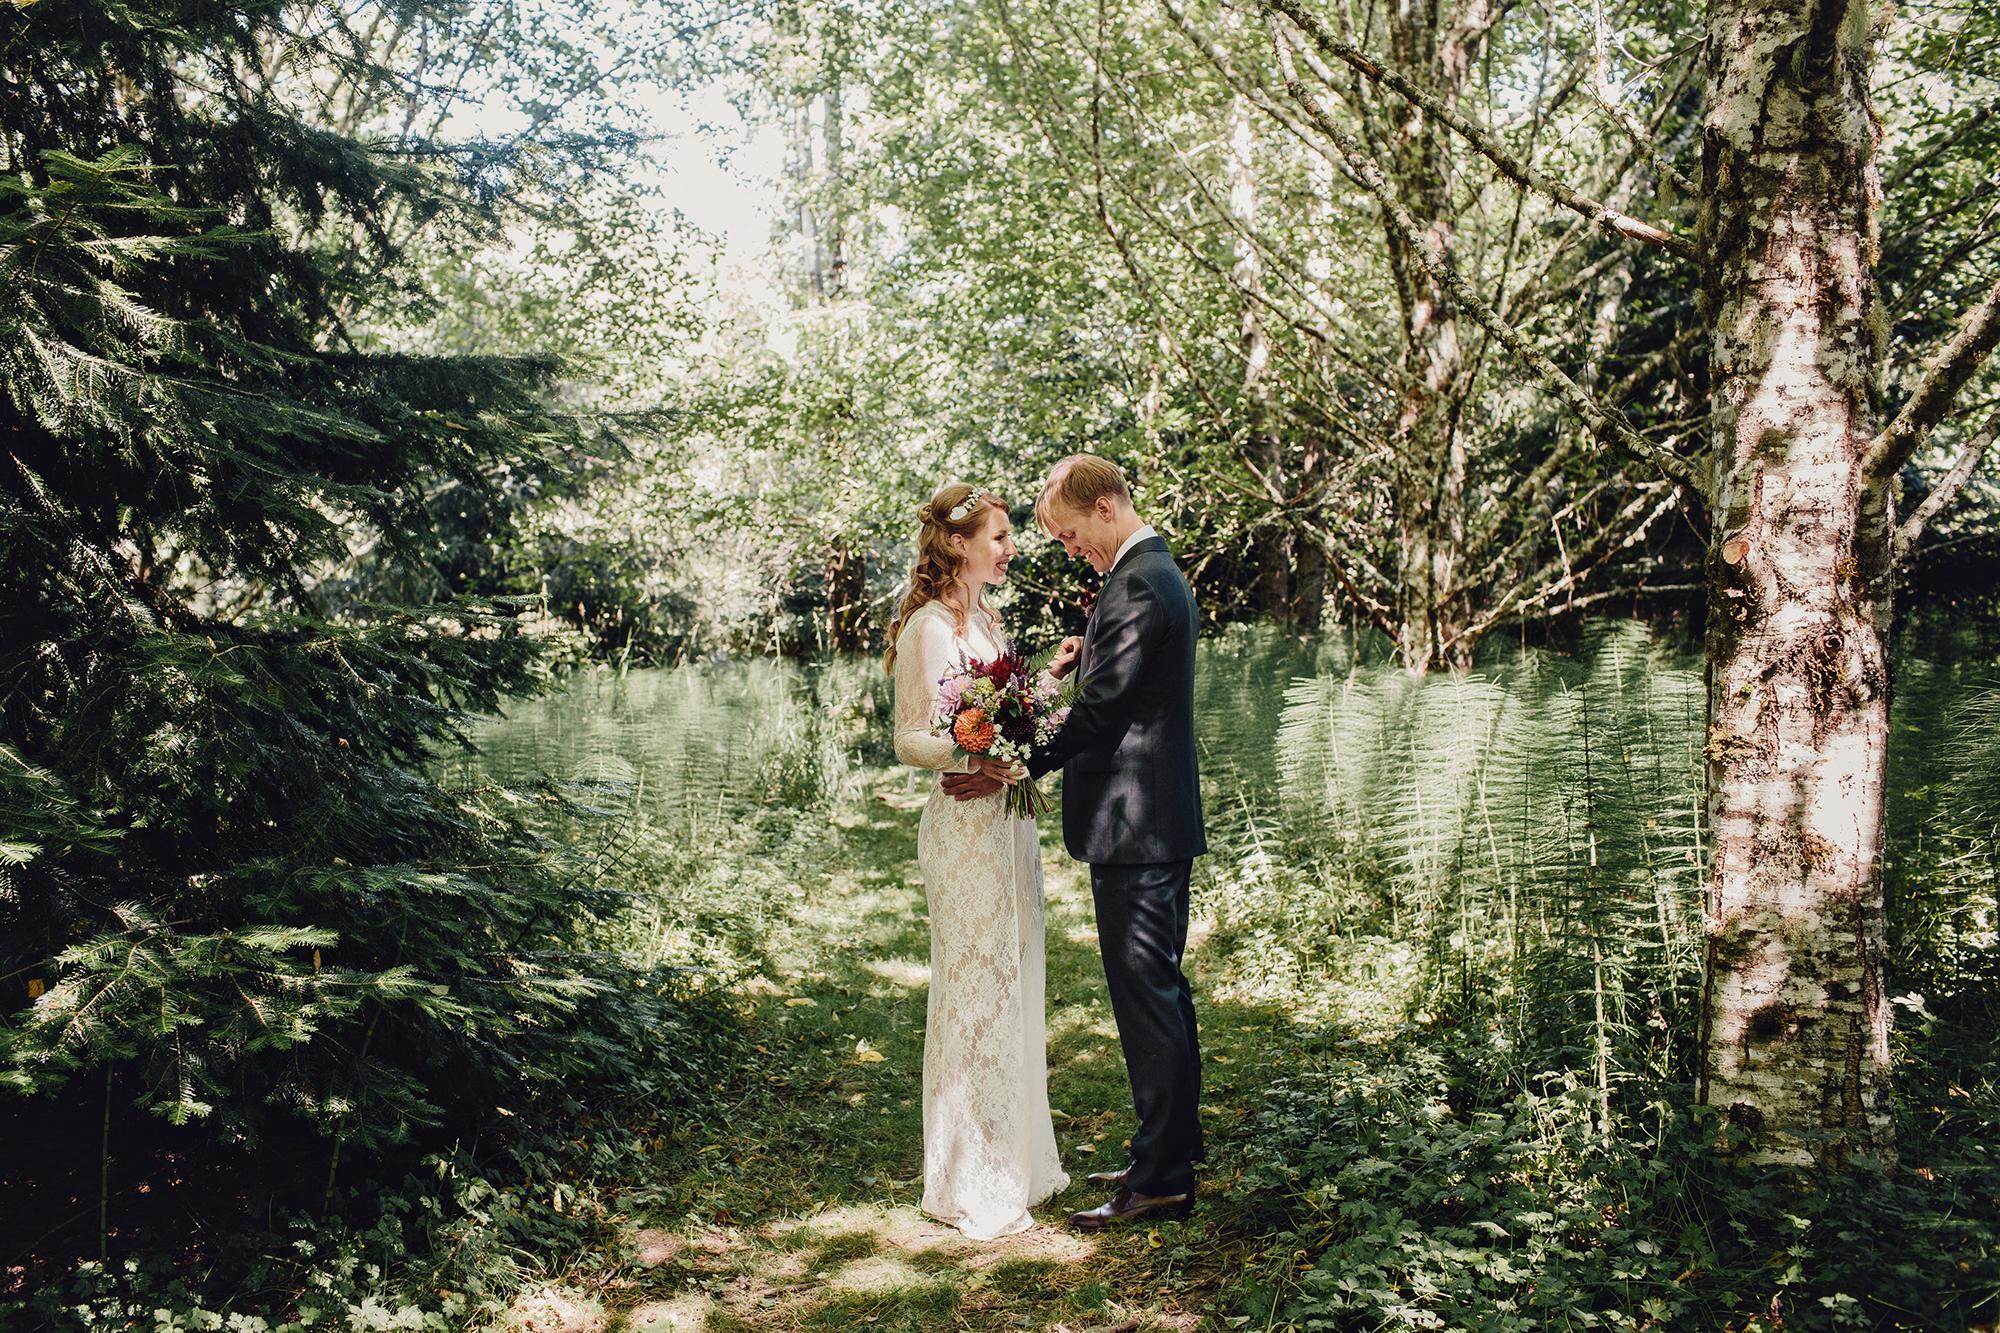 mountain-top-wedding-photos-0028.JPG